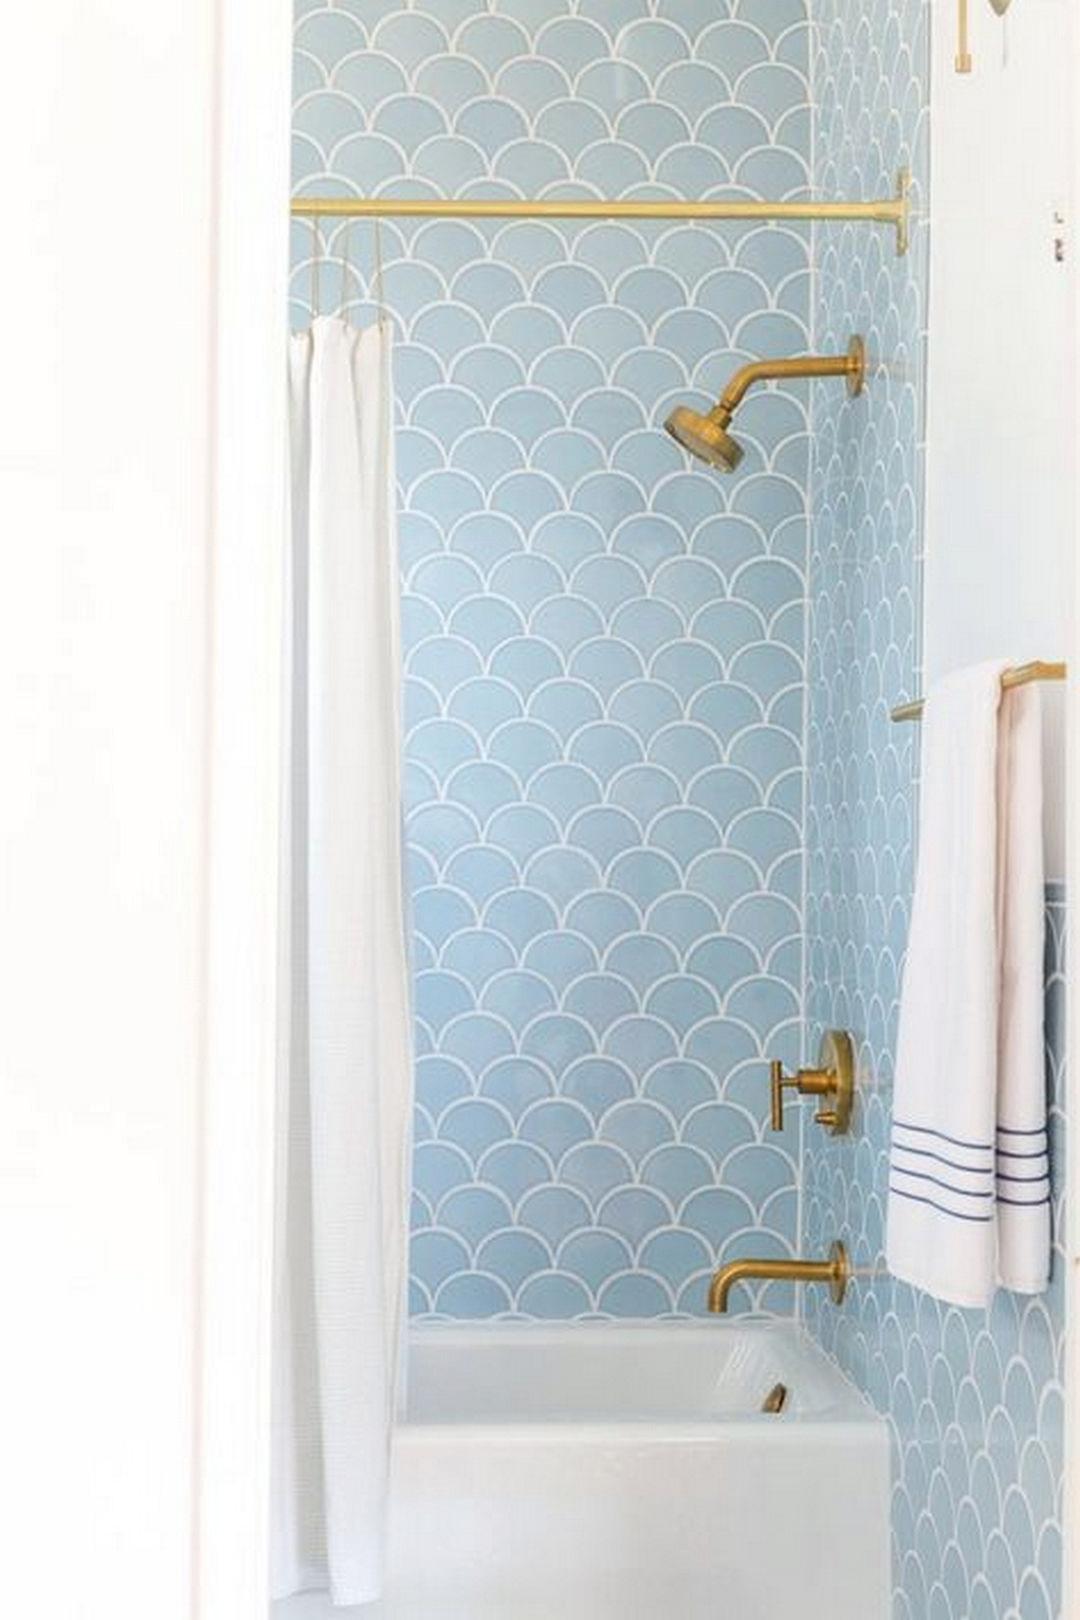 38 Beautiful Fish Scale Tile Bathroom Ideas | Fish scale tile, House ...